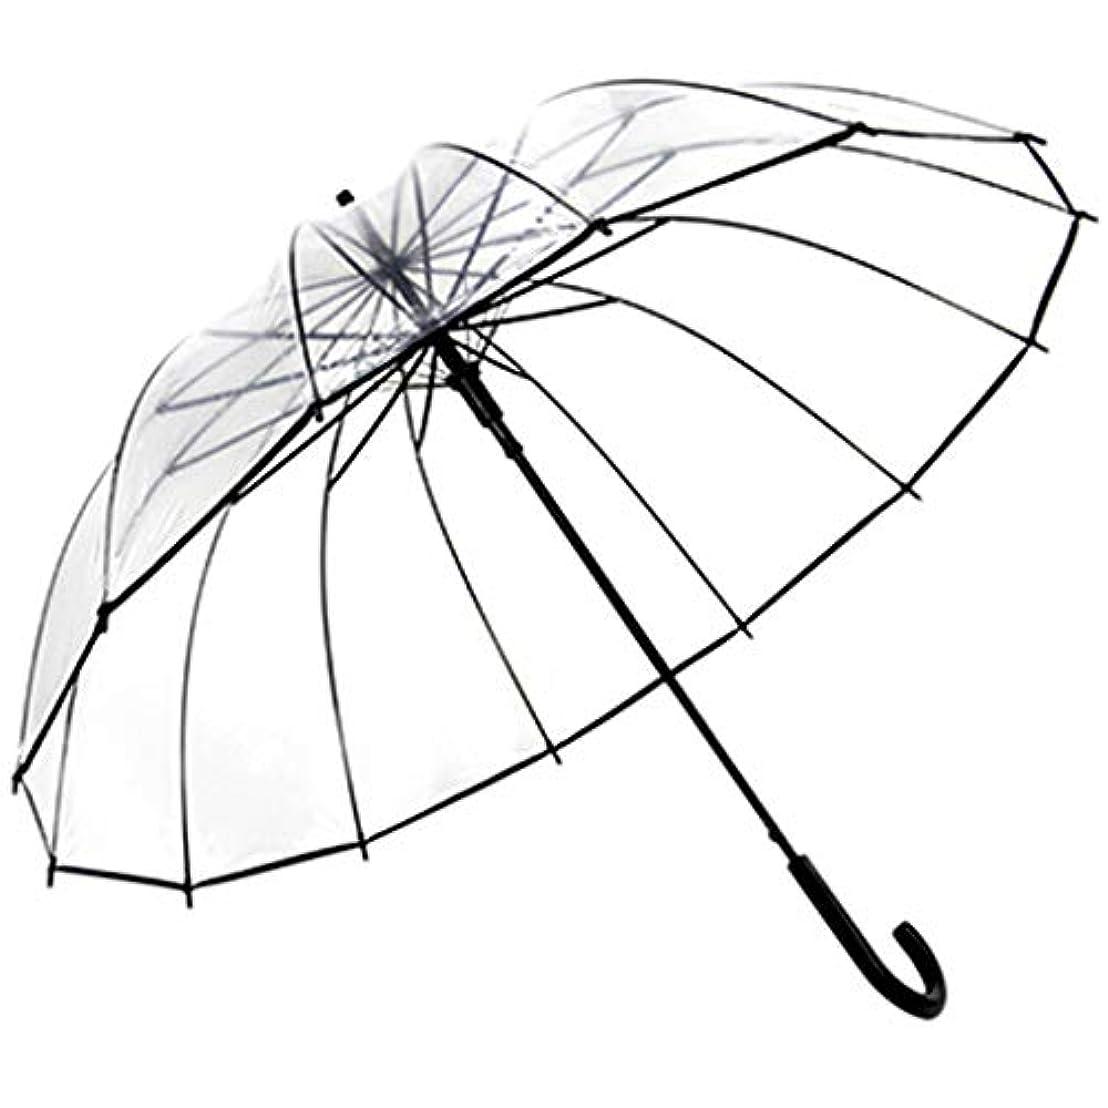 大使館歩くパラシュート傘折りたたみ傘日除けUV傘パラソル (色 : クリア)